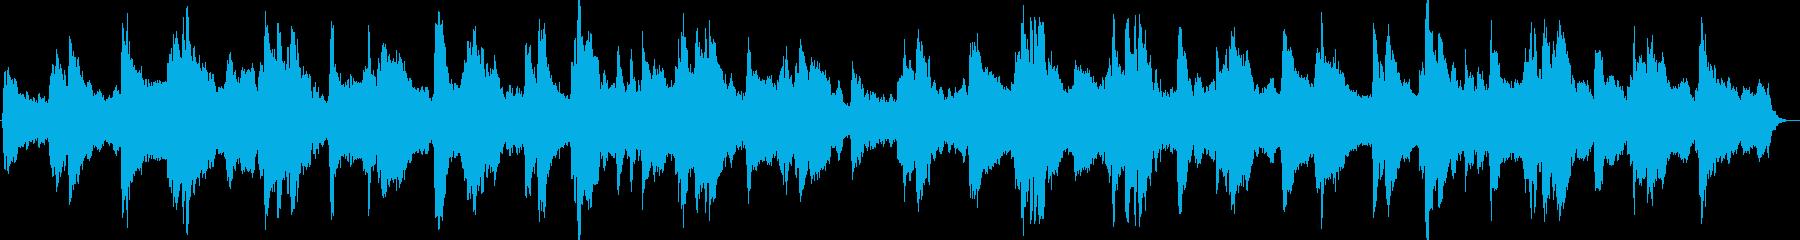 優しくも力強い感動的なピアノストリングスの再生済みの波形